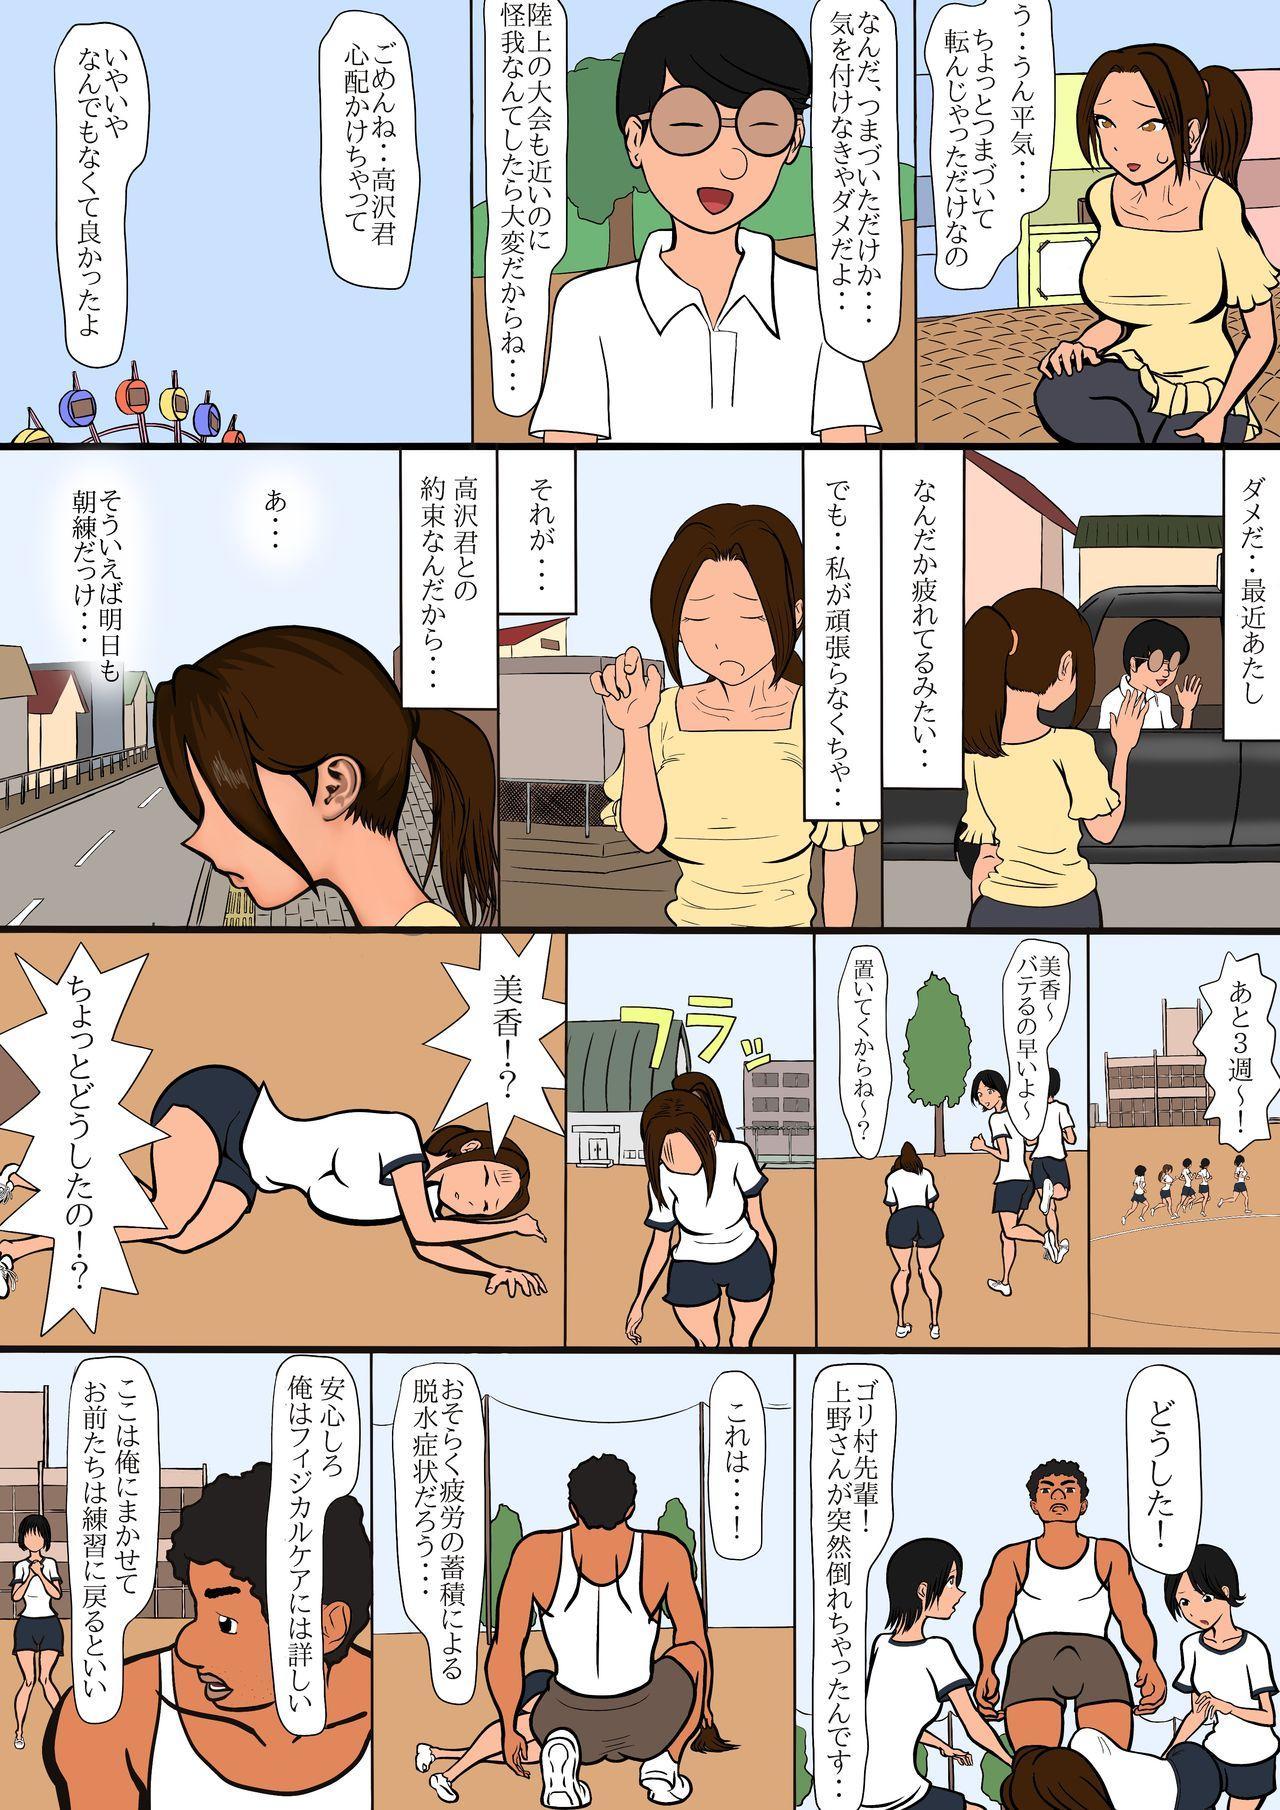 netorare furasshu bakku 16